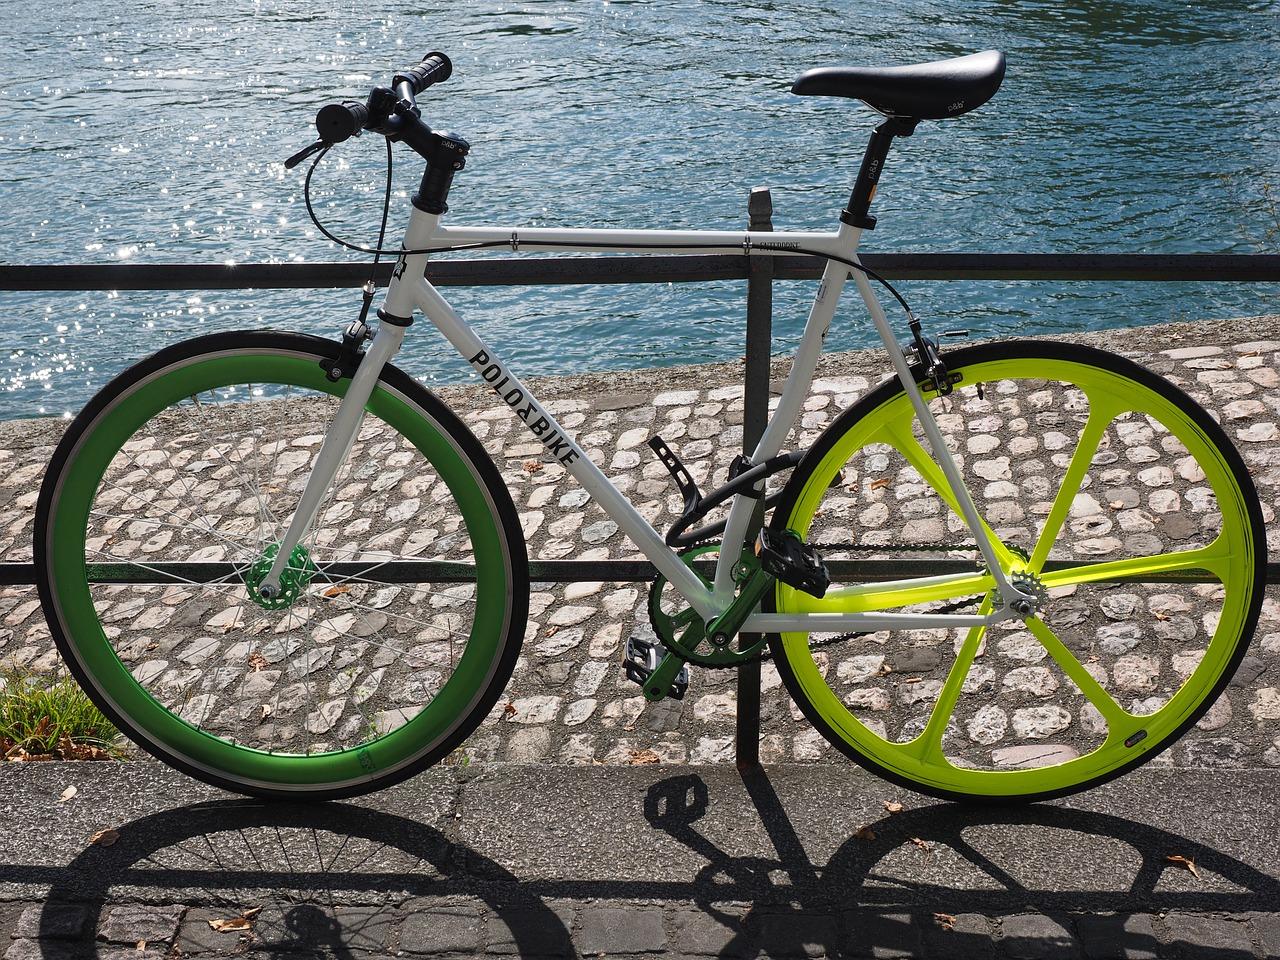 Ein gutes Rennrad kostet durch die hochwertigen Materialien auch so einiges. Von daher solltest Du es immer gut anschließen.